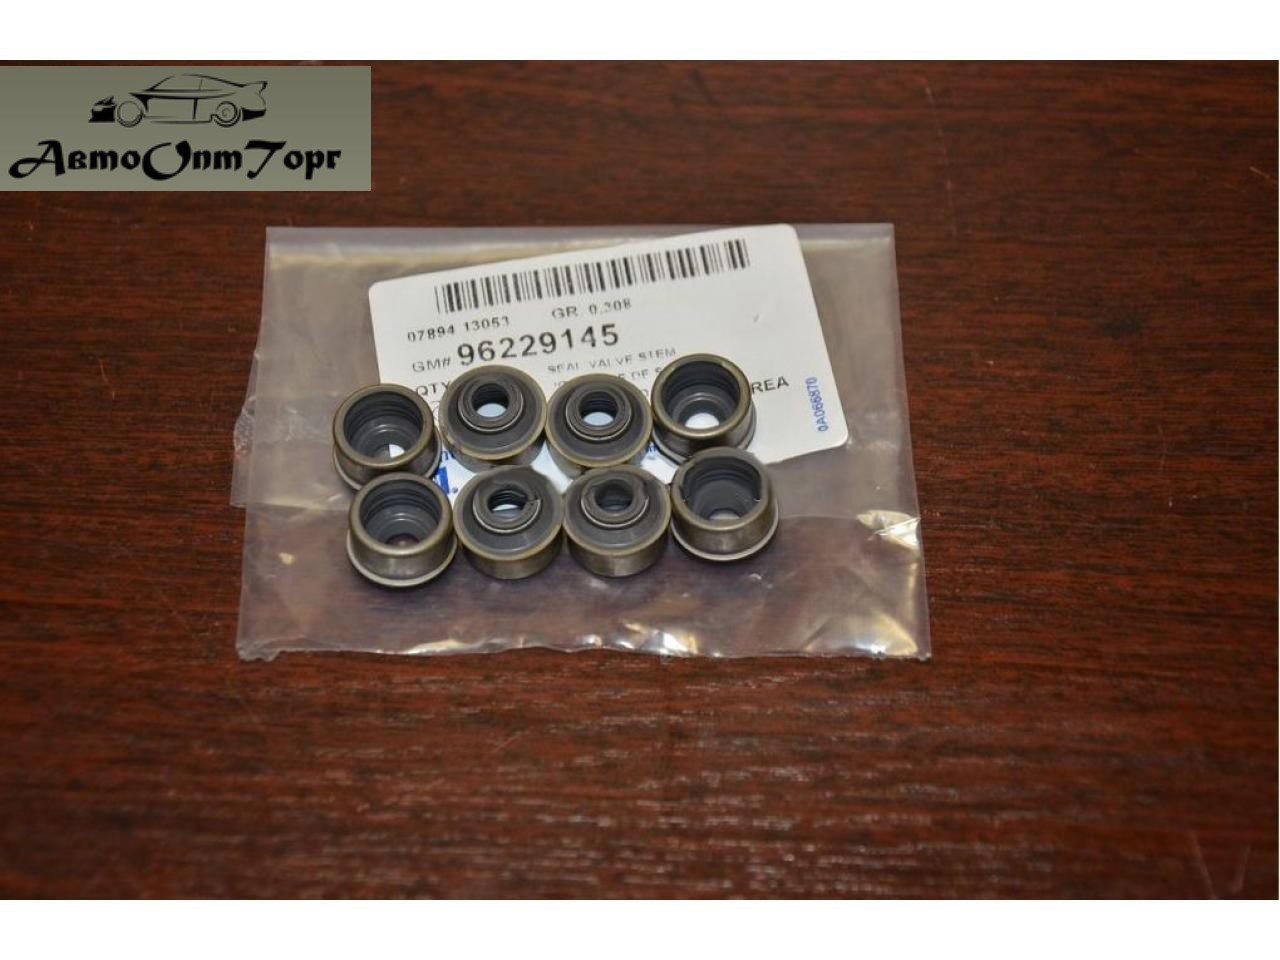 Сальник клапанов Chevrolet Aveo 1.5 (96229145)